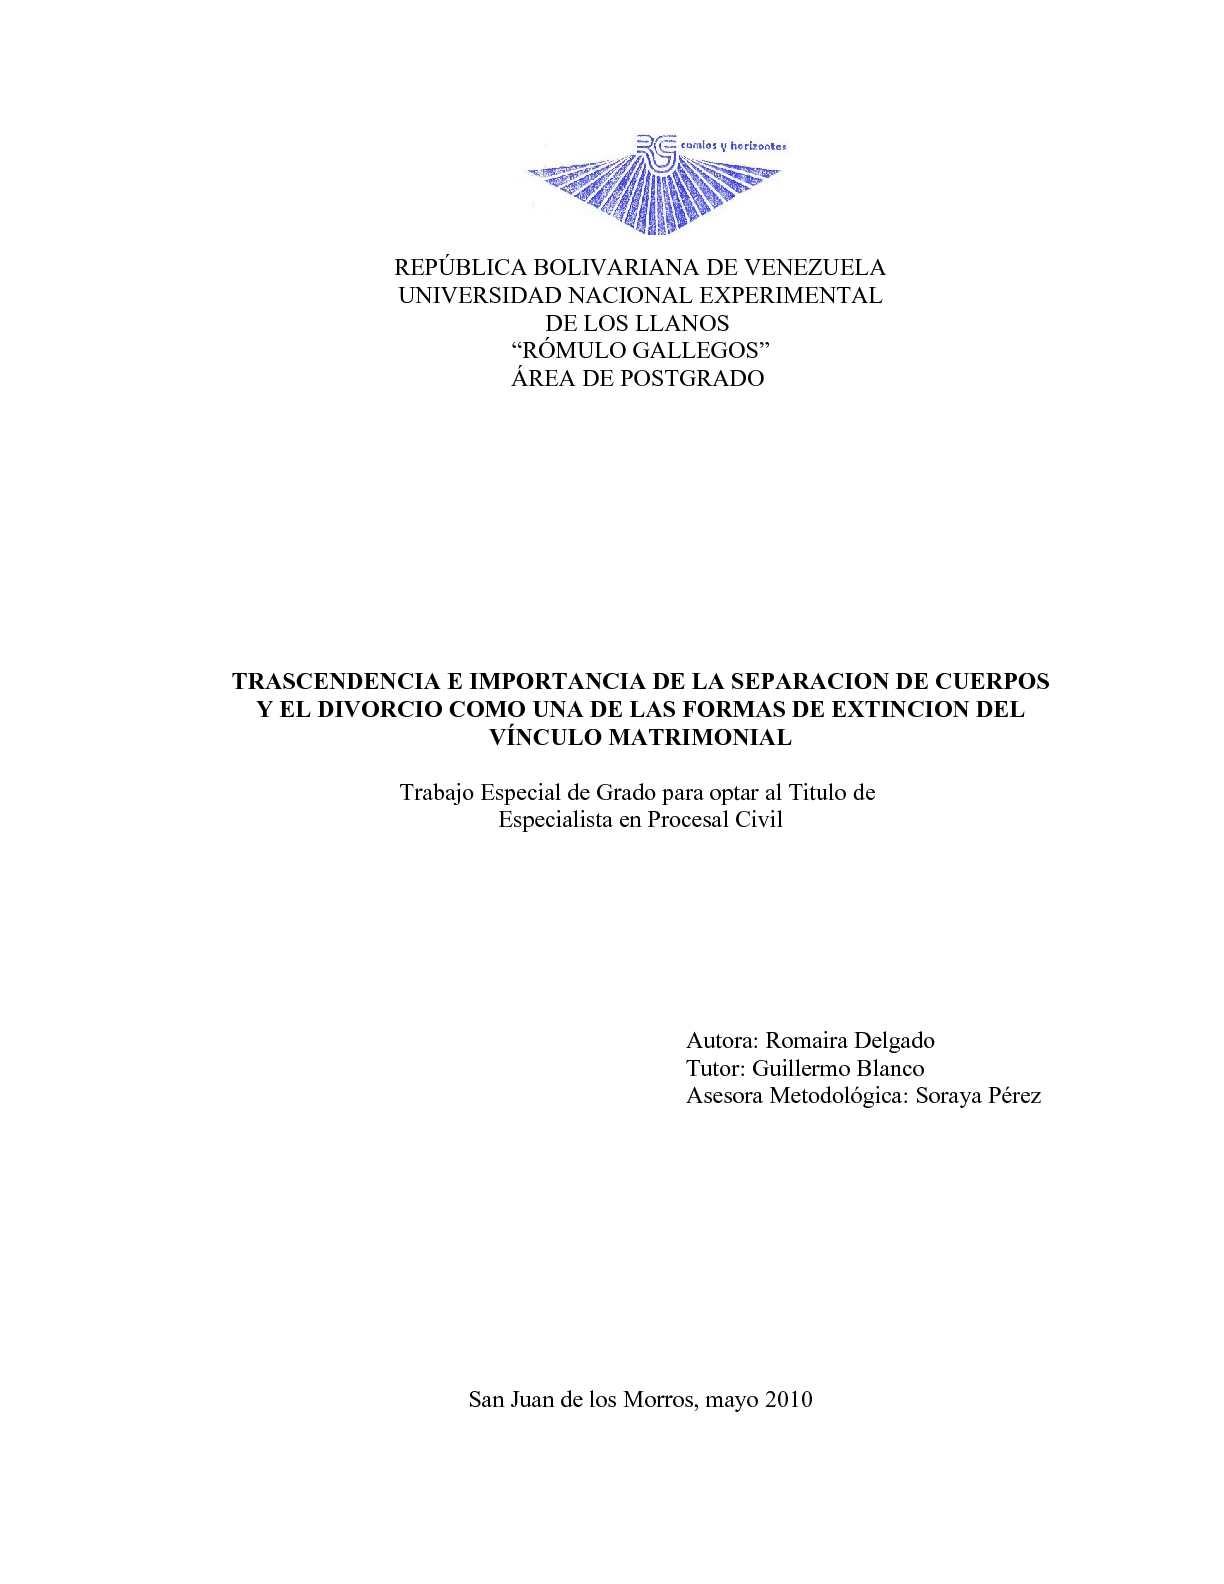 Calaméo - tesis definitiva Roraima delgado